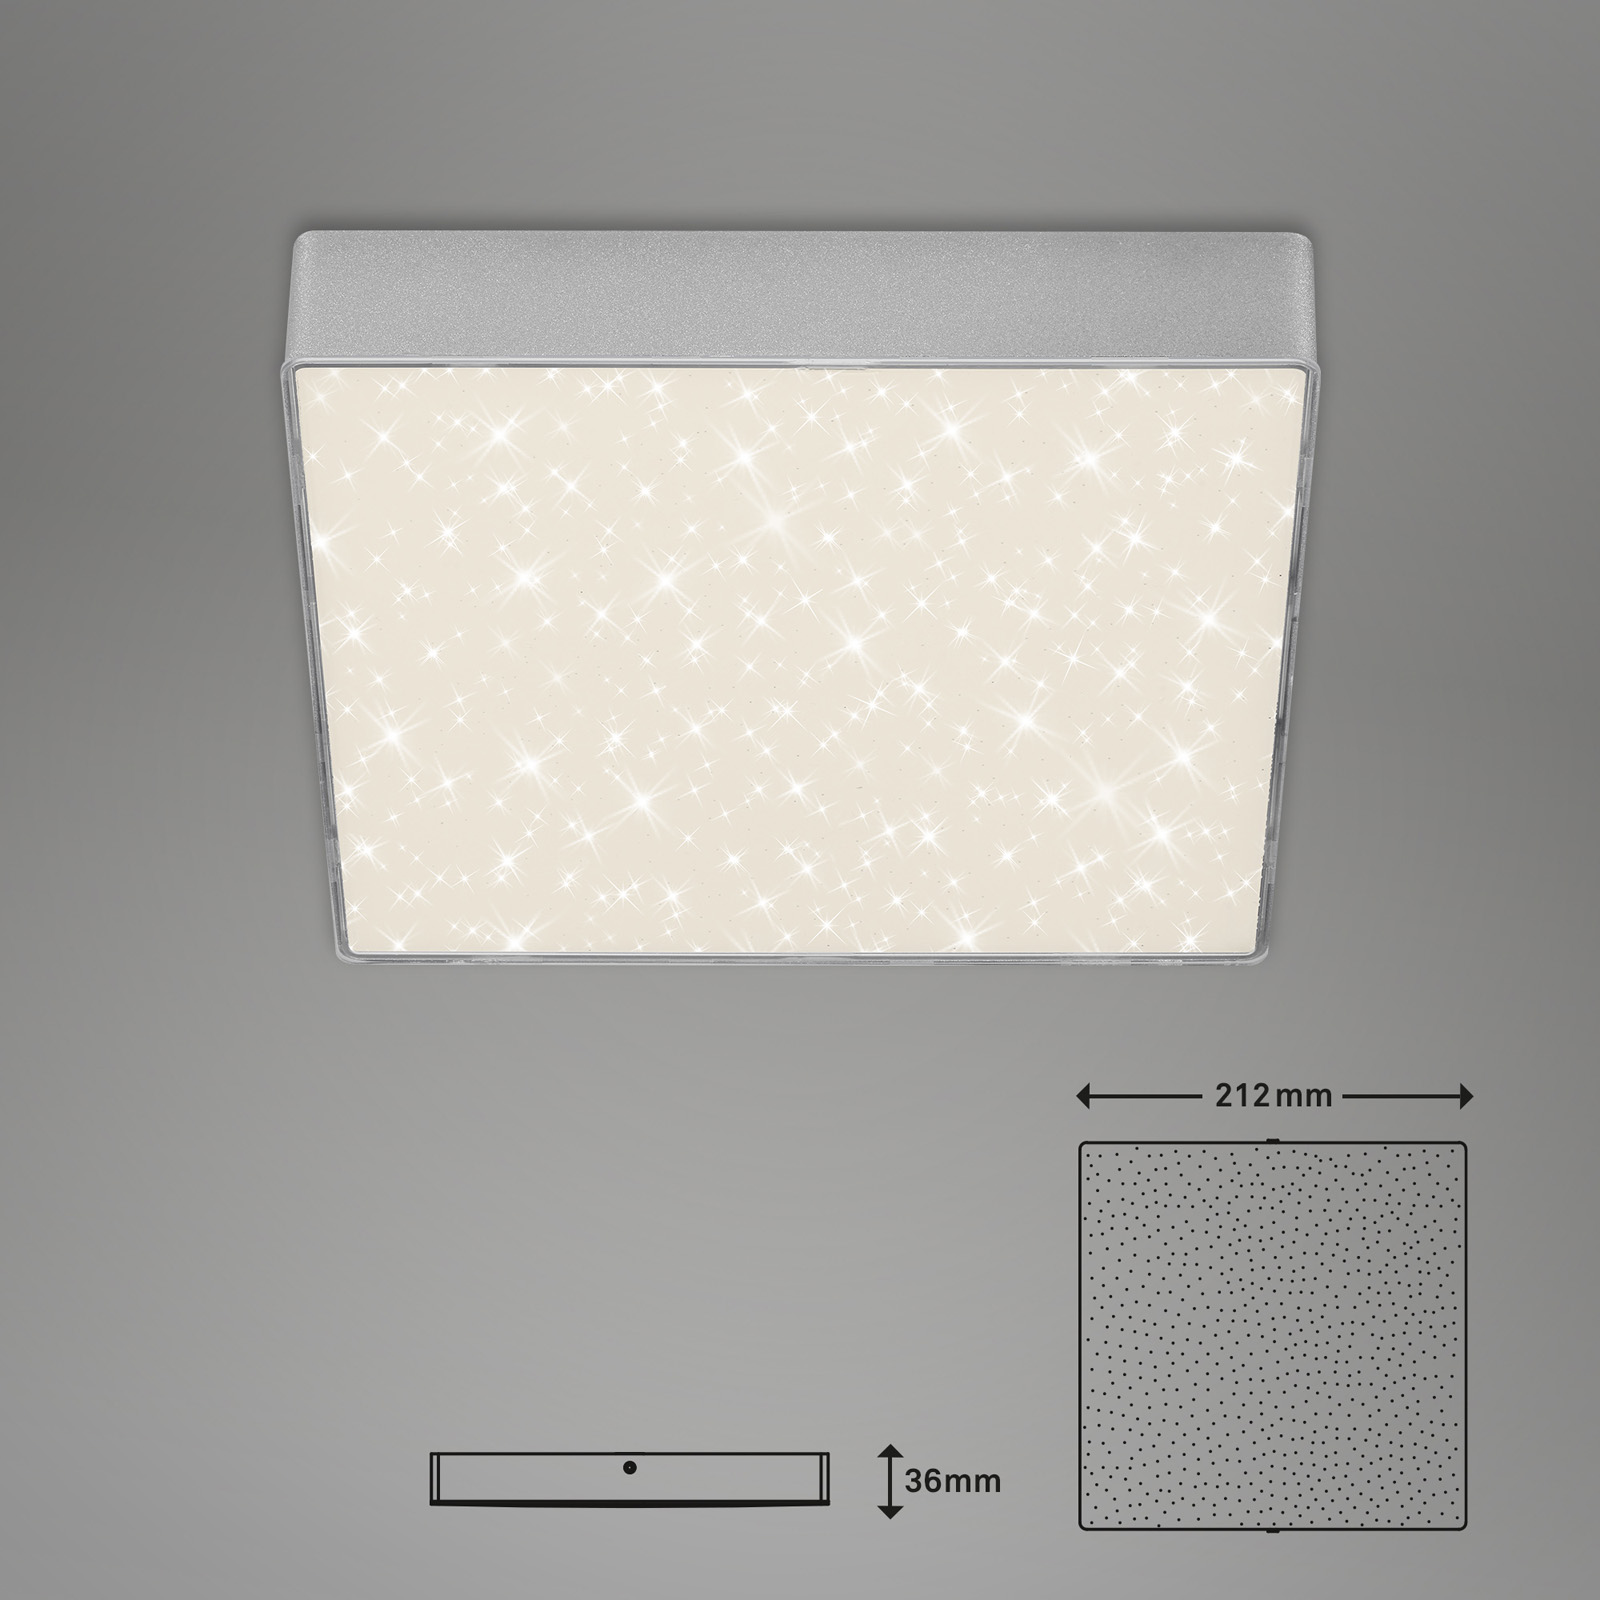 Sternenhimmel LED Deckenleuchte silber Maßzeichnung